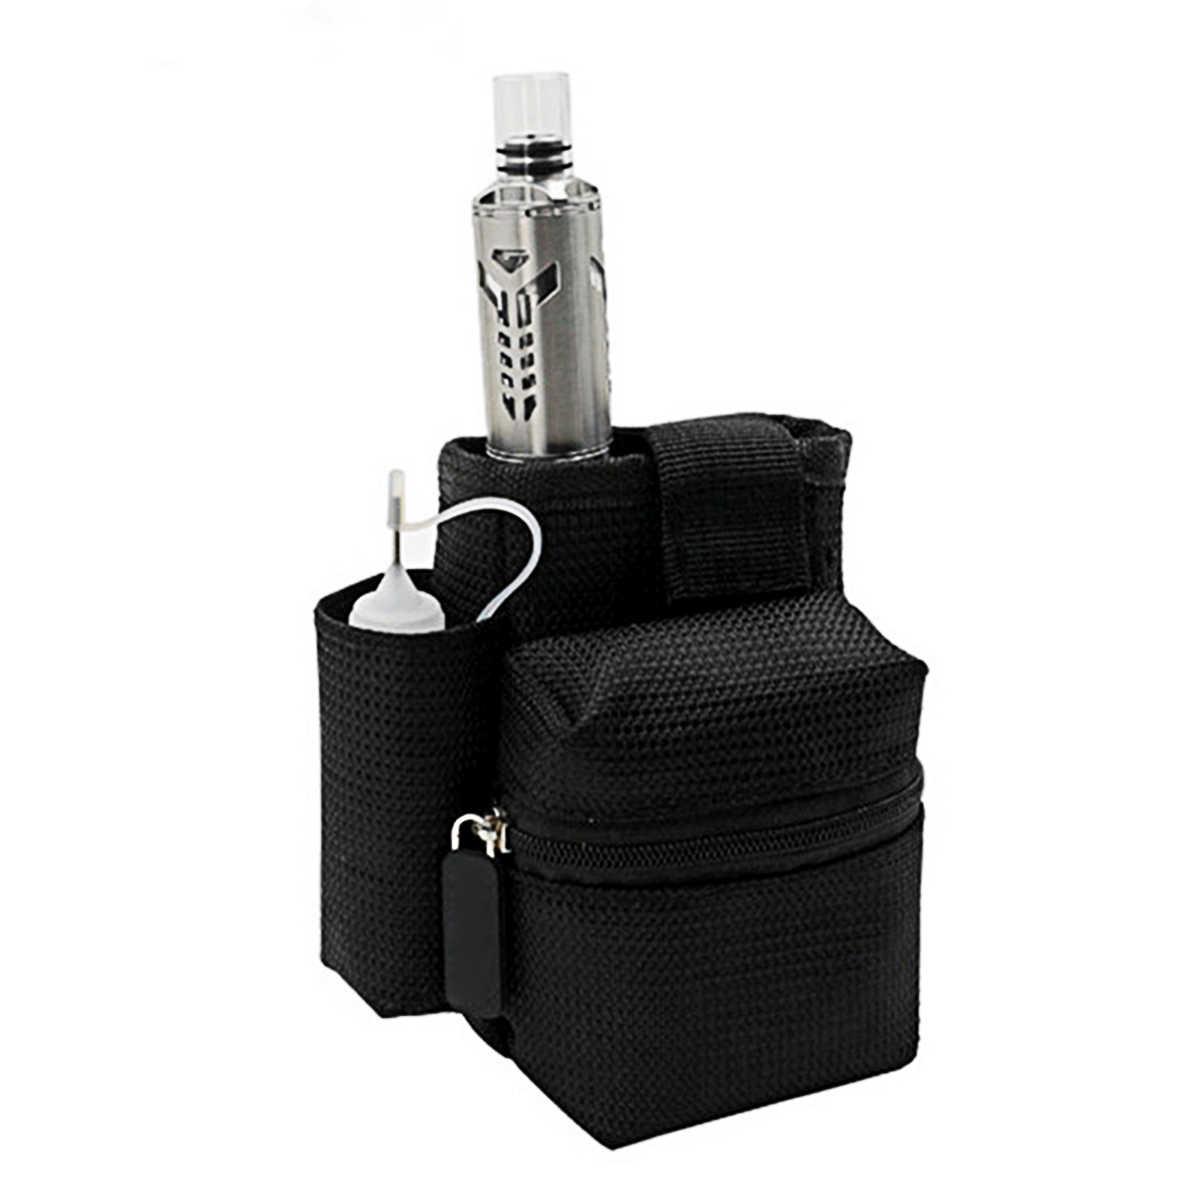 Akcesoria do elektronicznego papierosa wysokiej quality box Mod torba przypadku Vape torba do noszenia E-Cig Diy wielofunkcyjny torebka przenośna torba